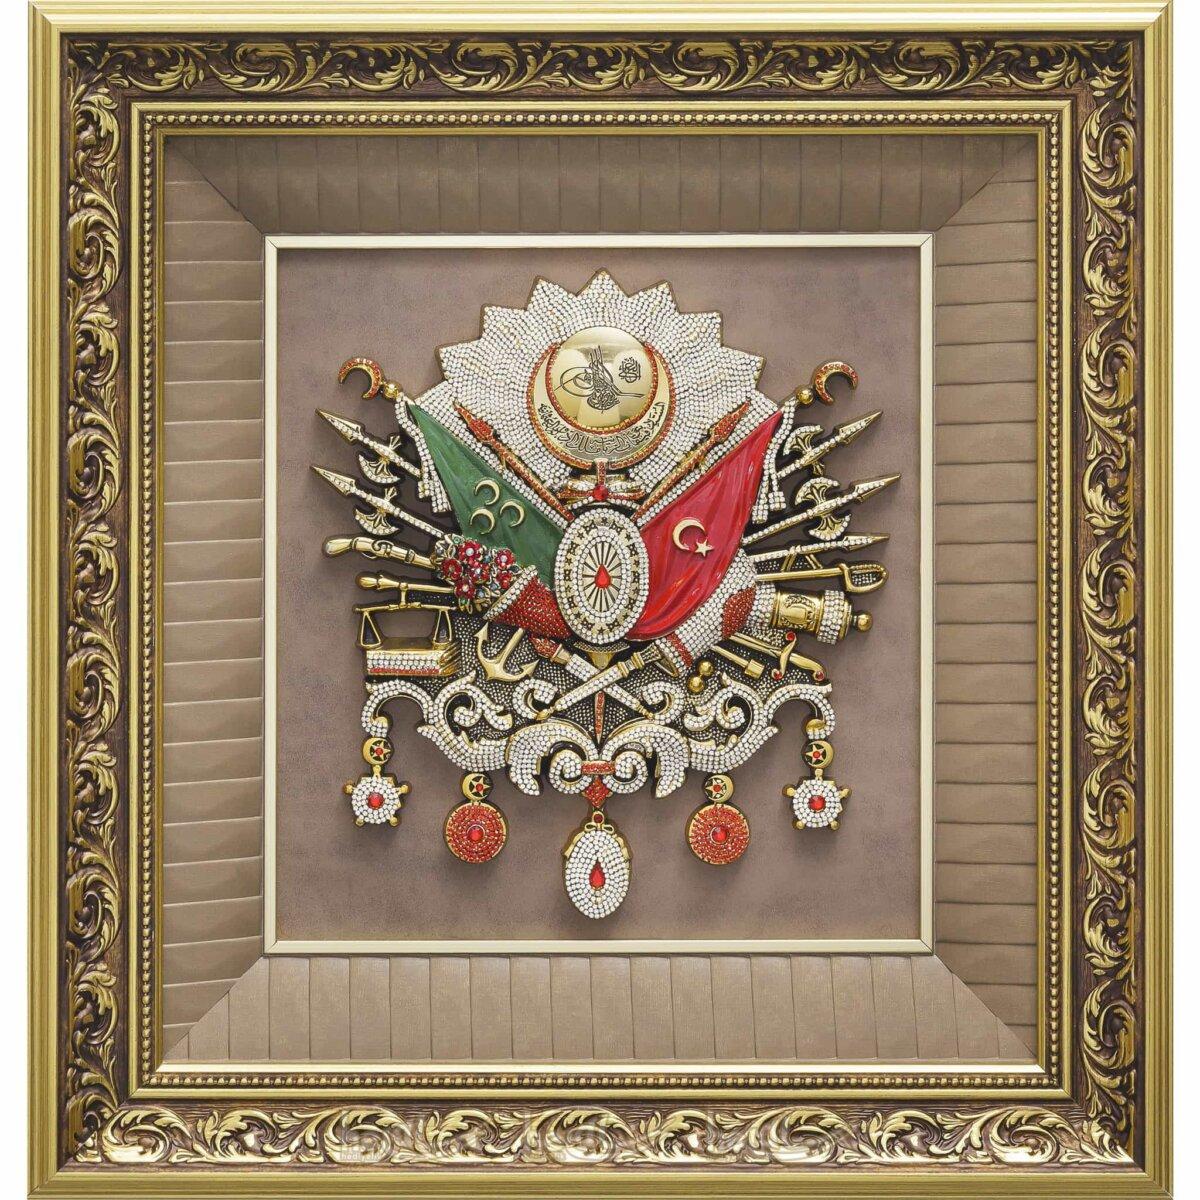 58x61cm Taşlı Büyük Boy Osmanlı Devlet Arması Kabartma Lüks Çerçeveli Tablo Osmanlı Tabloları